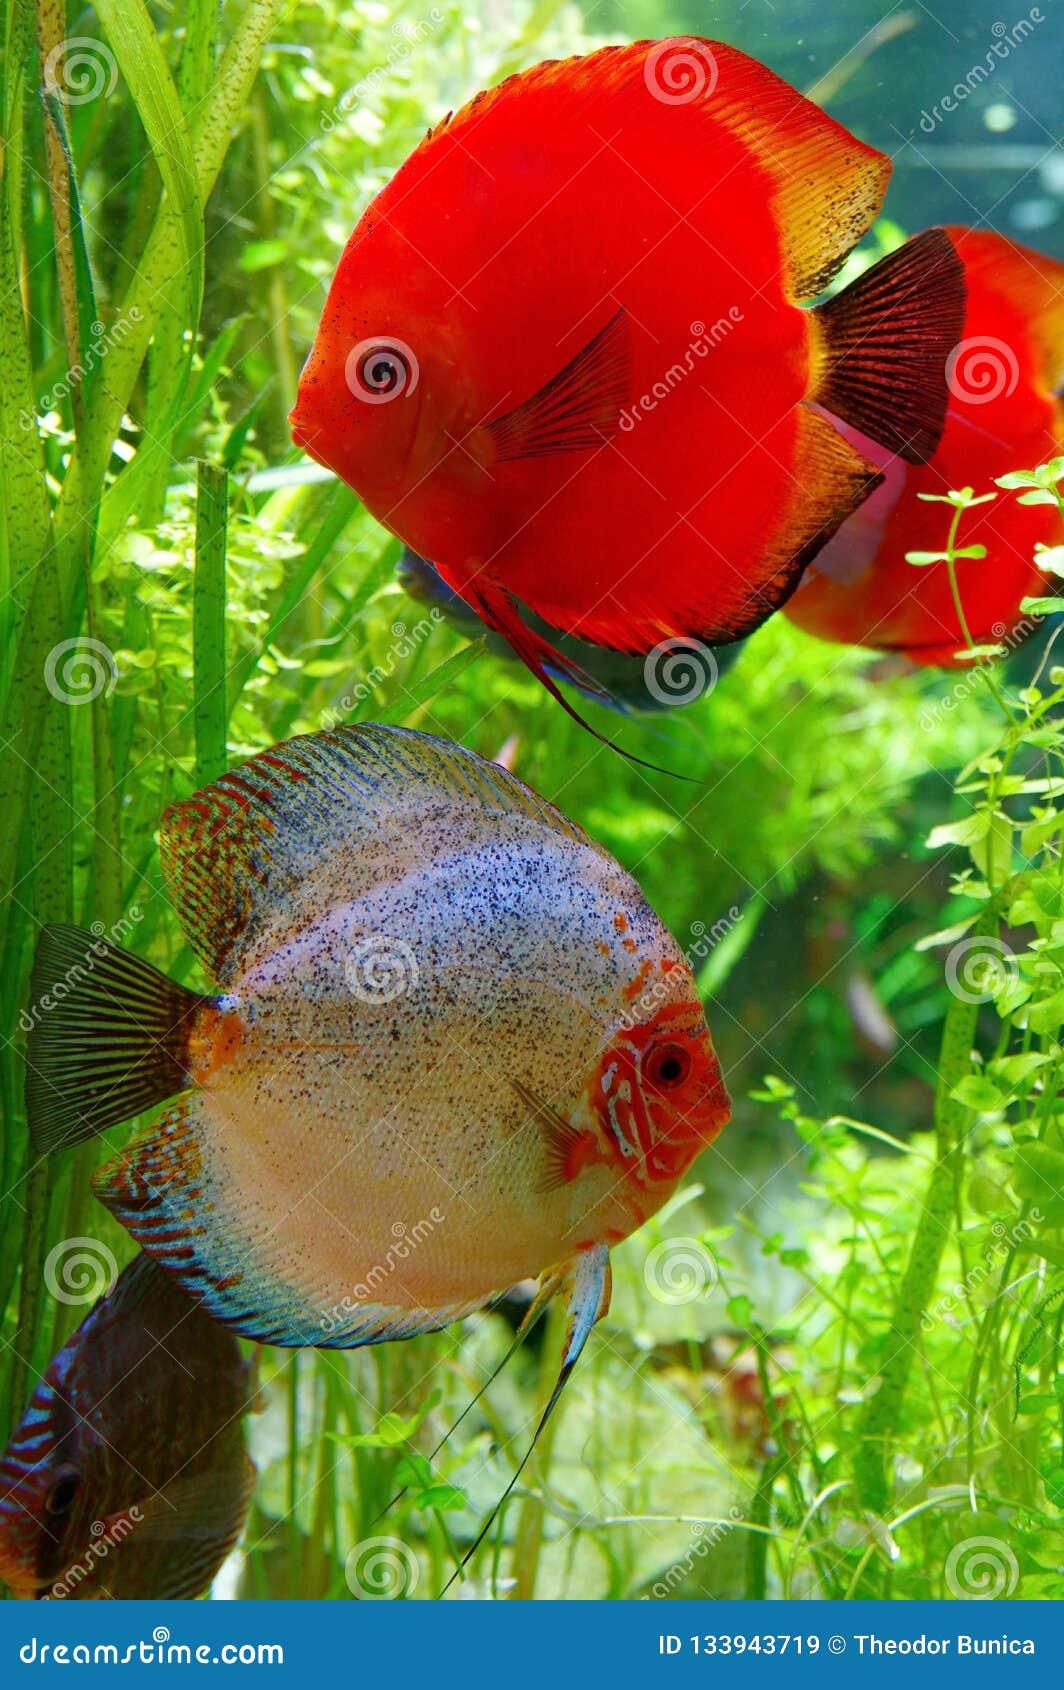 Beautiful pair of Discus fish